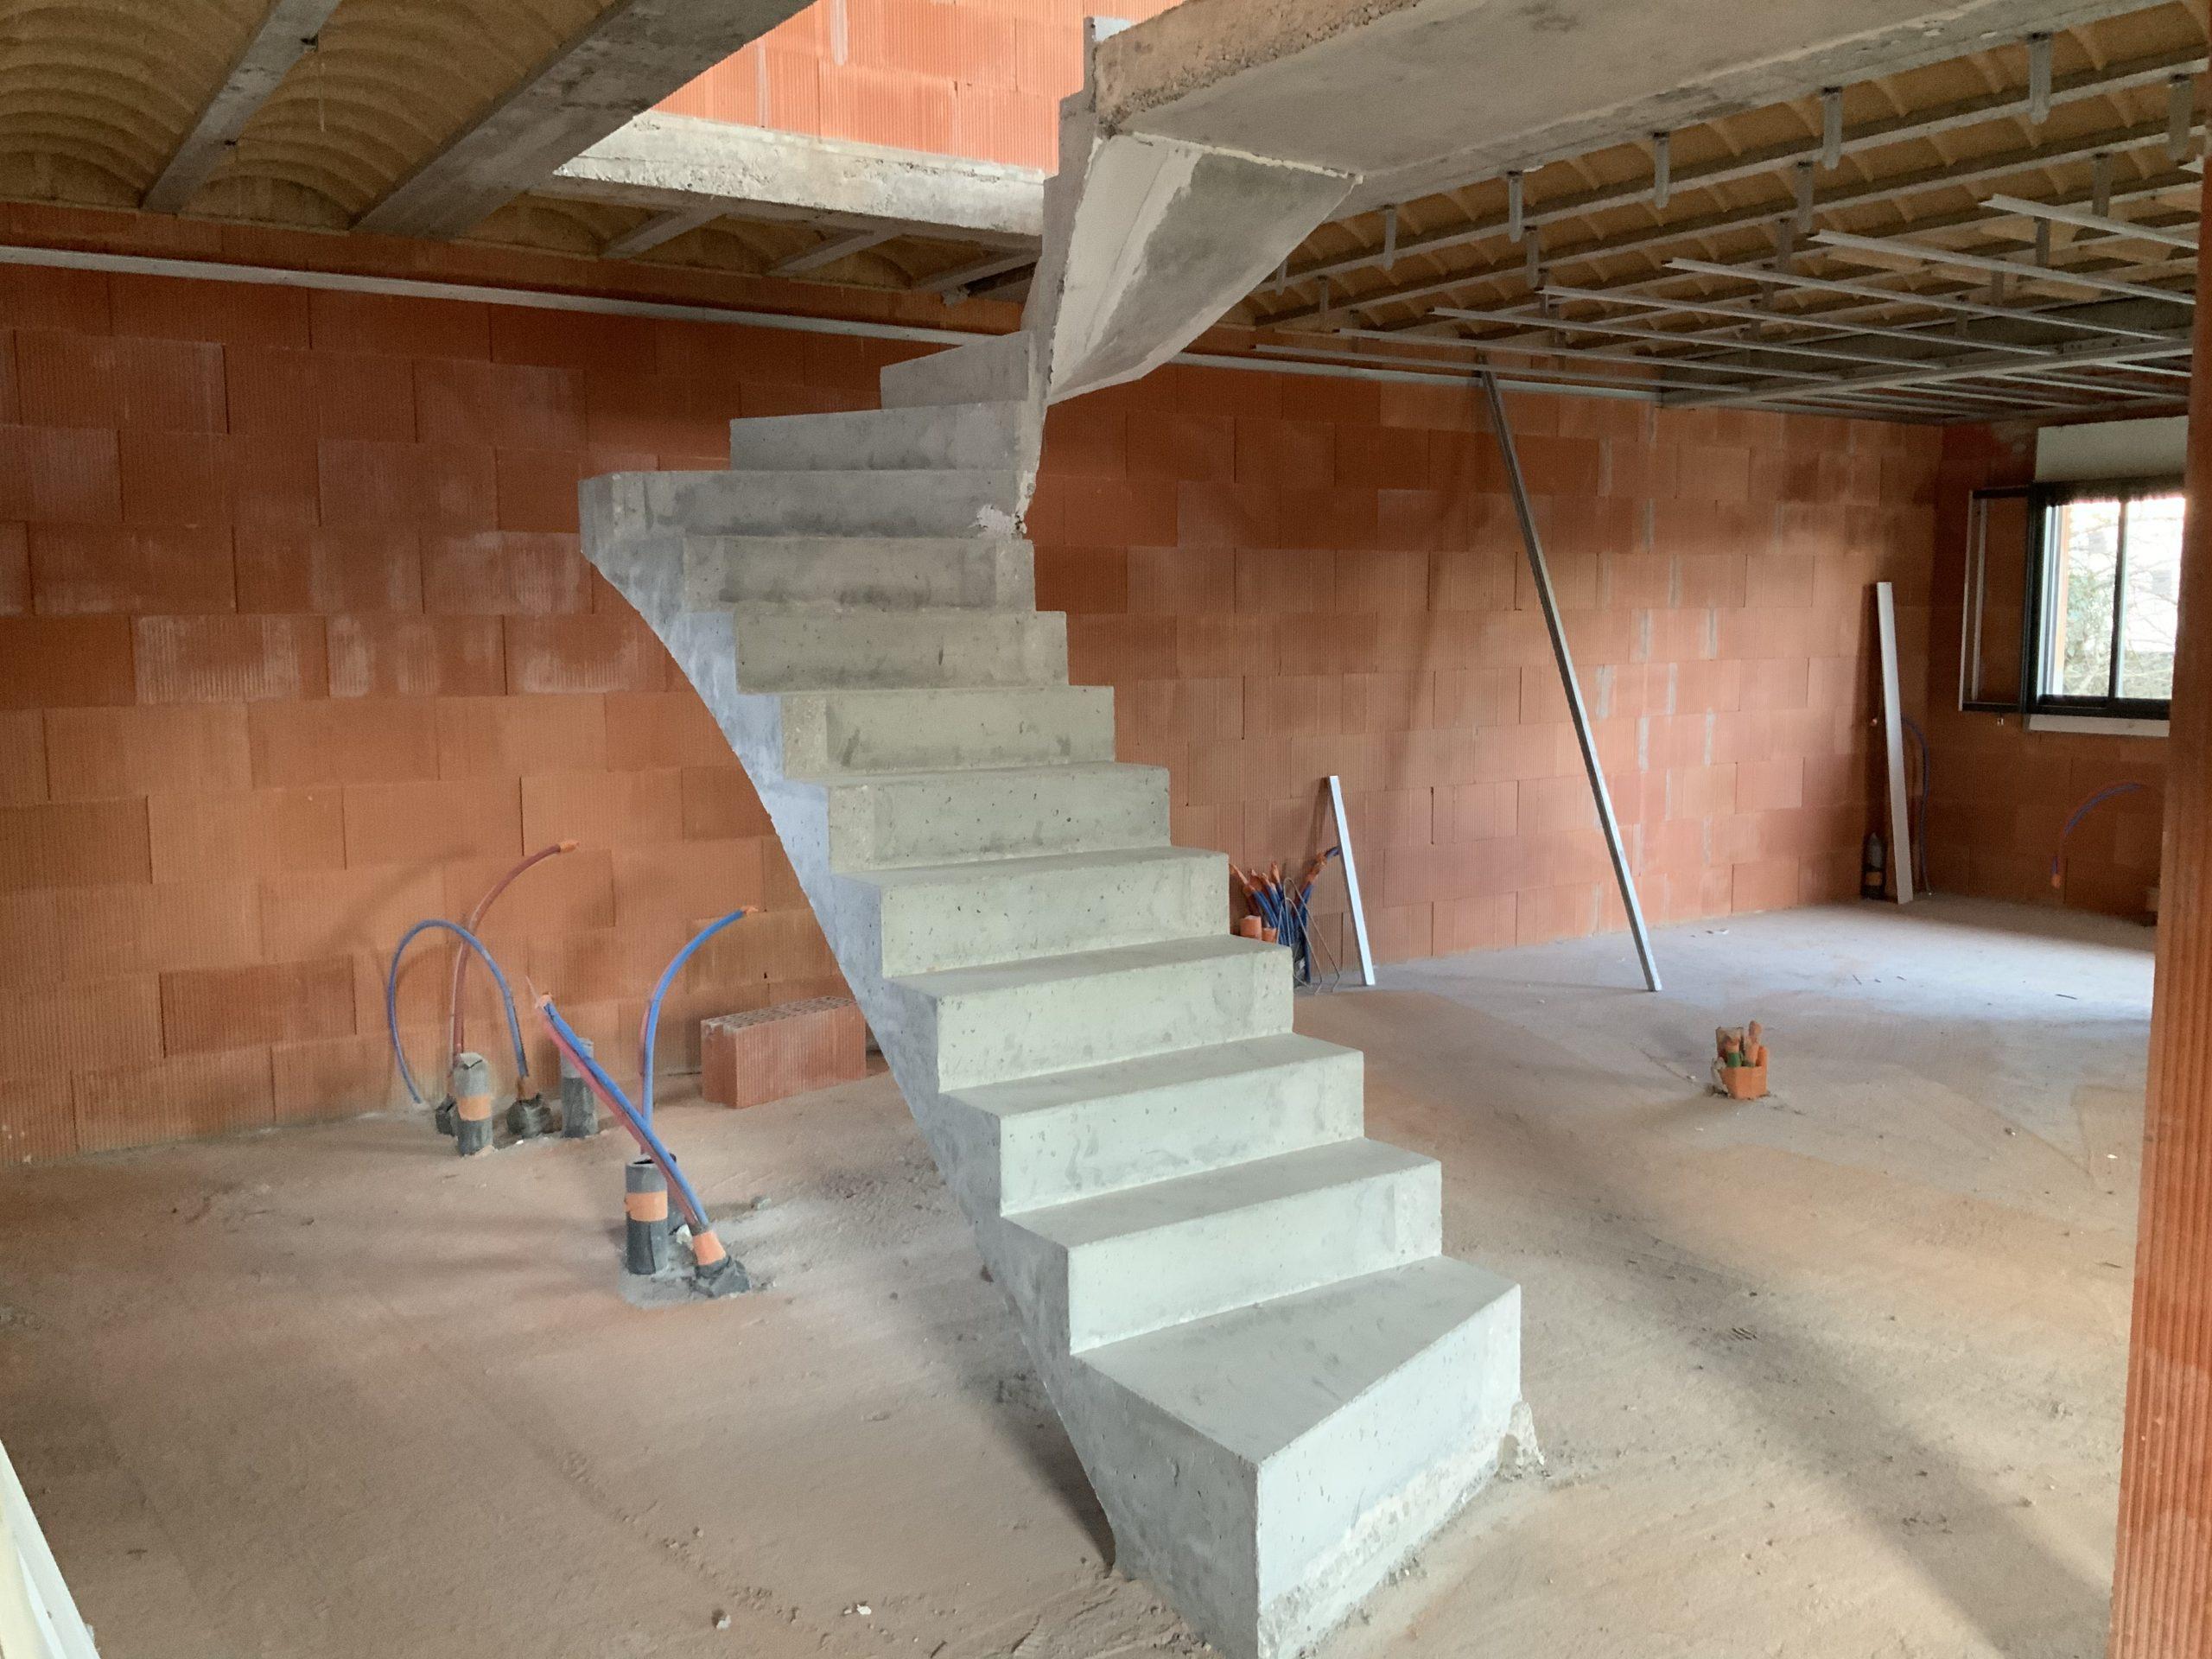 Maison avec un escalier béton près de Bordeaux